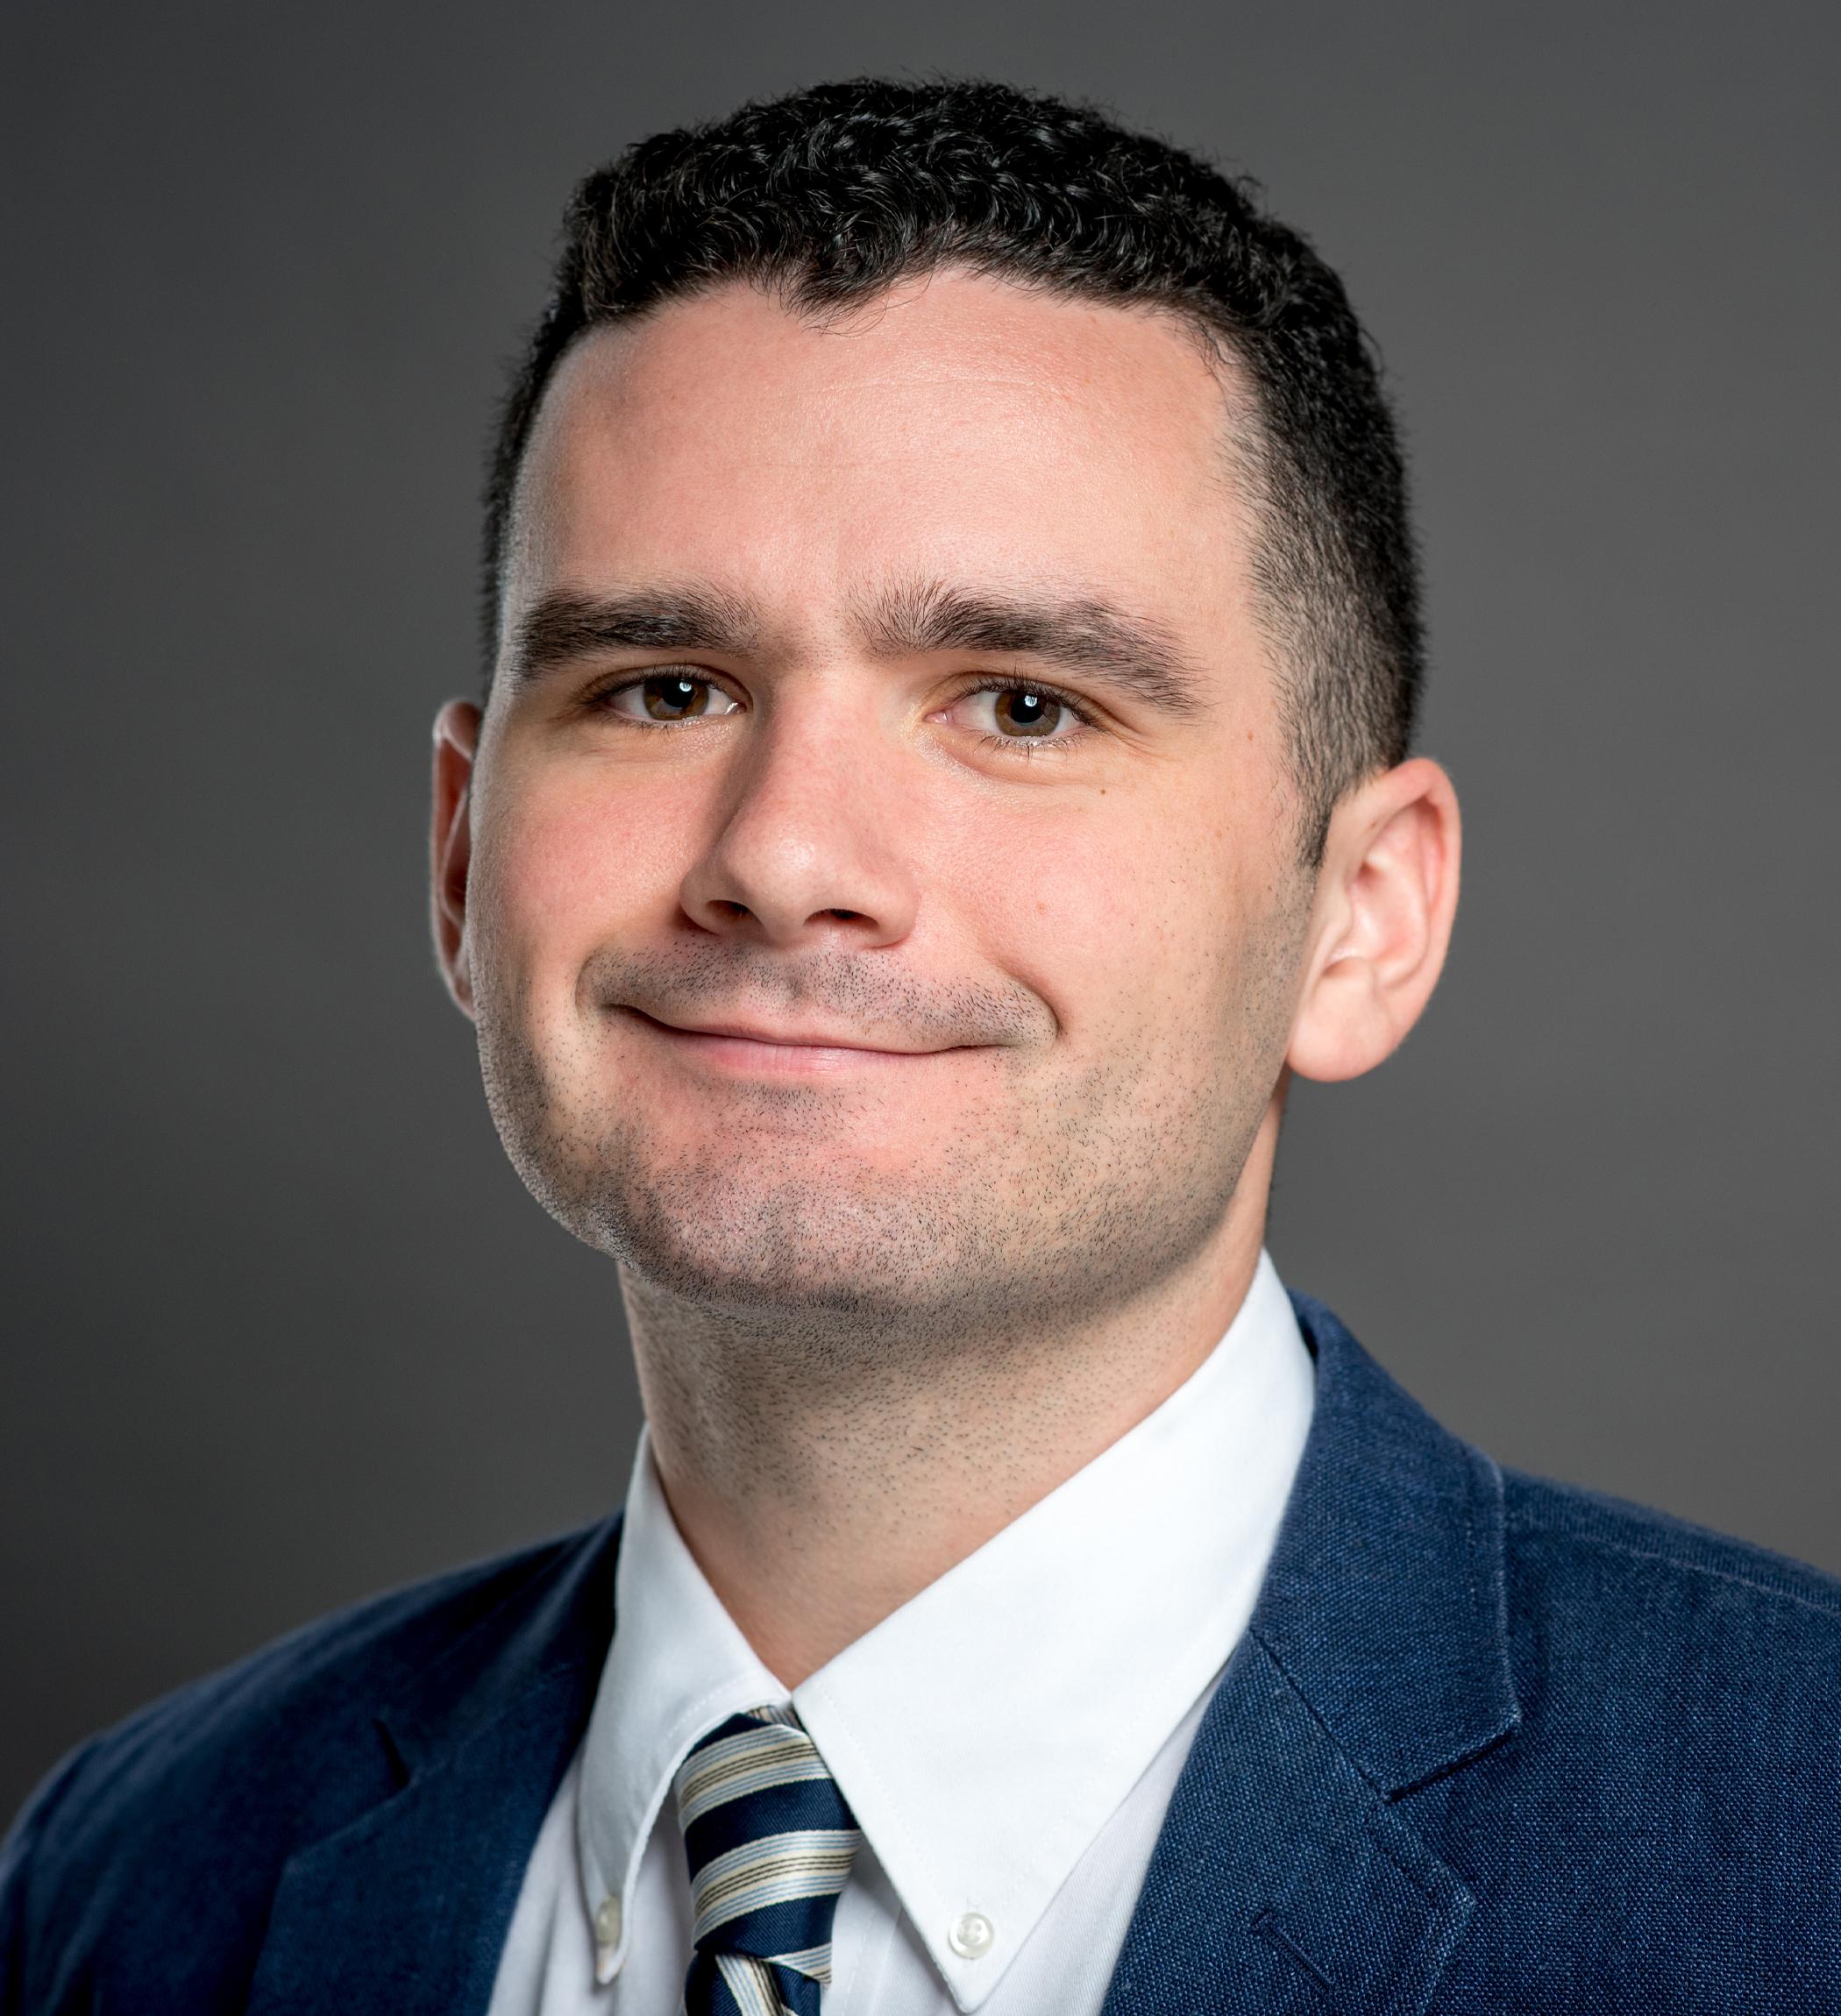 Patrick Tighe Headshot | Dakota Investments